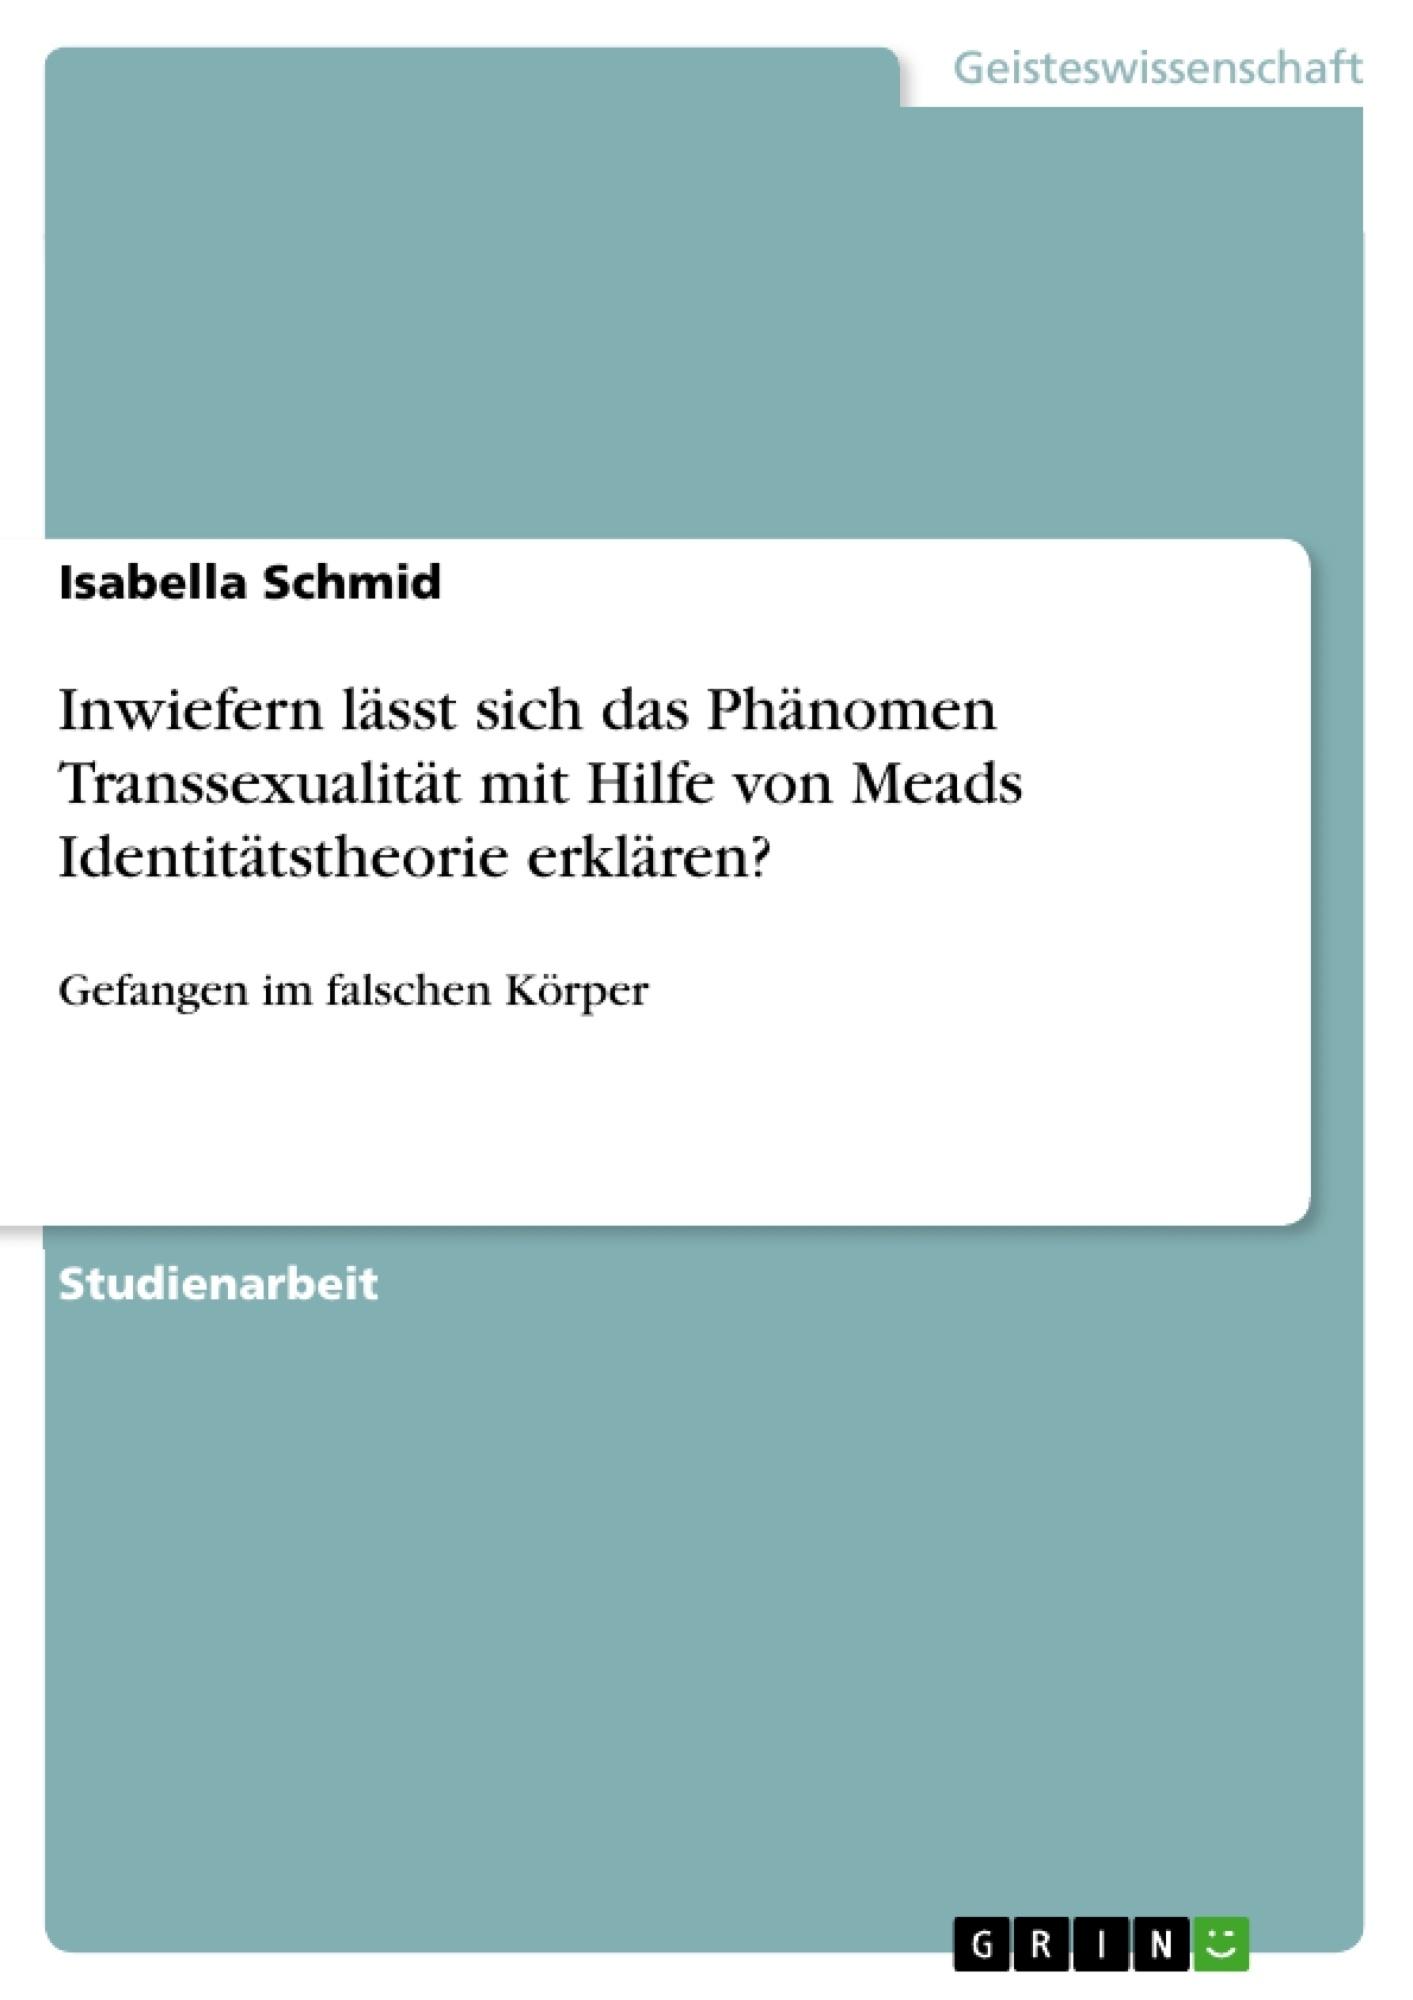 Titel: Inwiefern lässt sich das Phänomen Transsexualität mit Hilfe von Meads Identitätstheorie erklären?